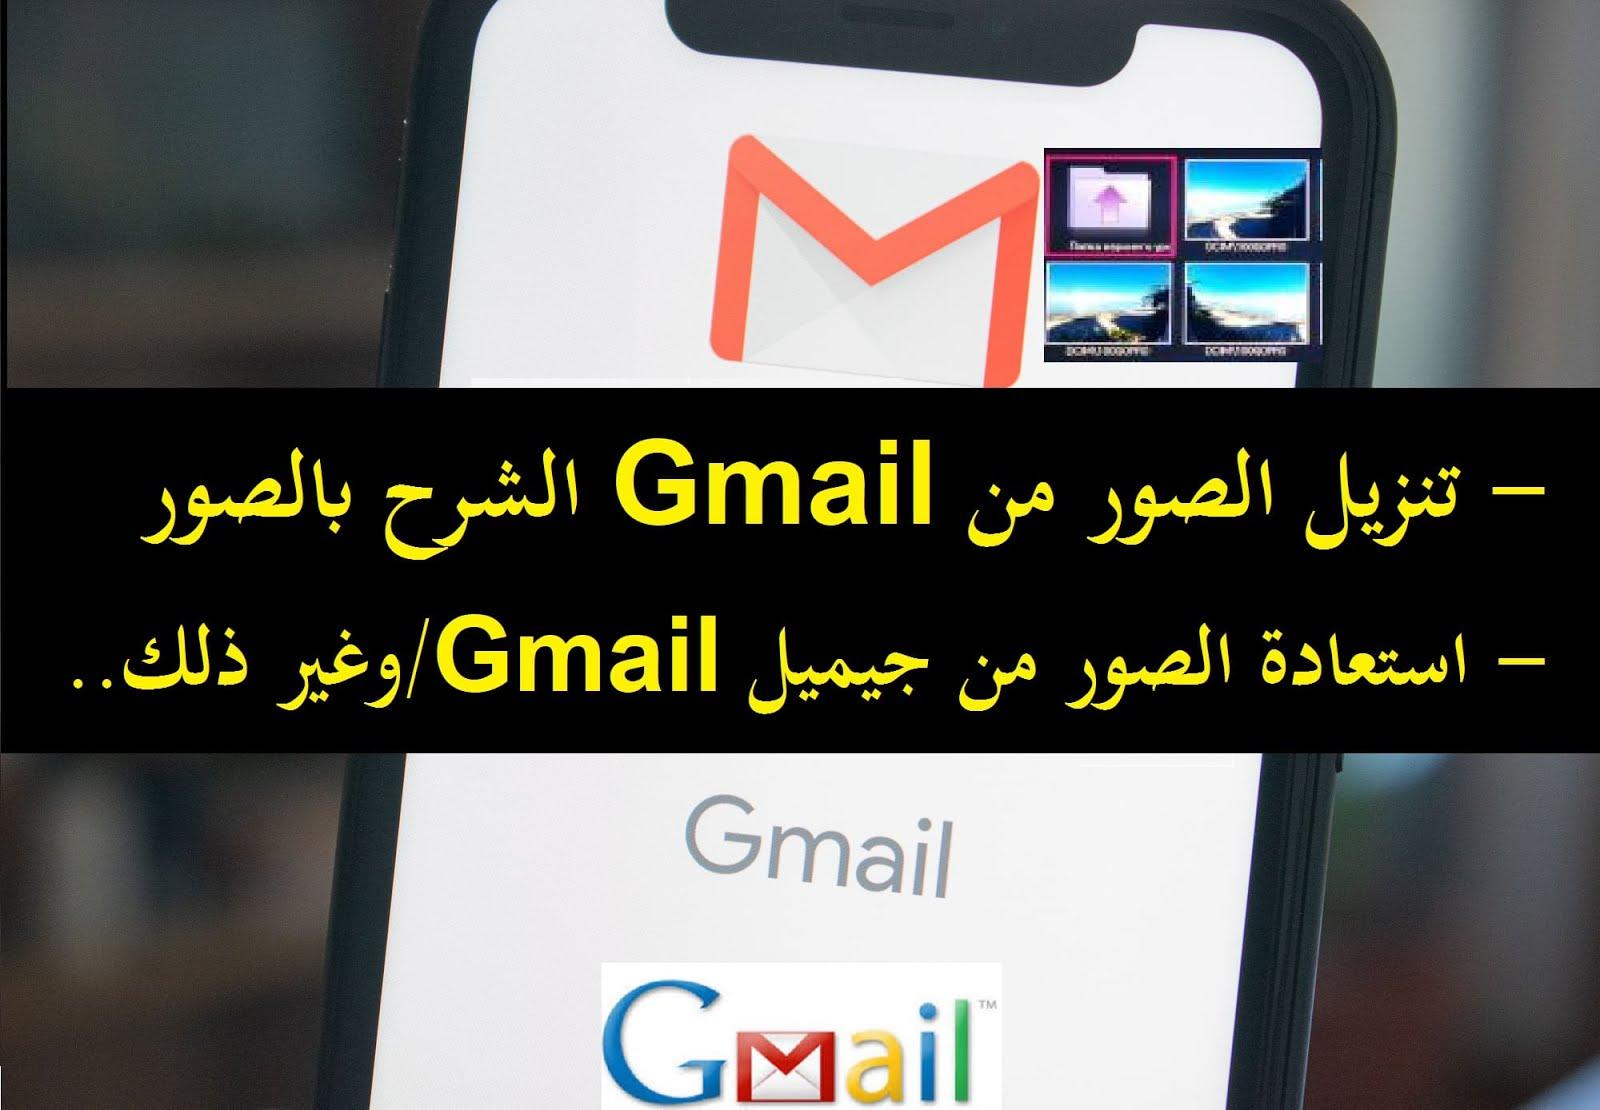 تنزيل الصور من gmail